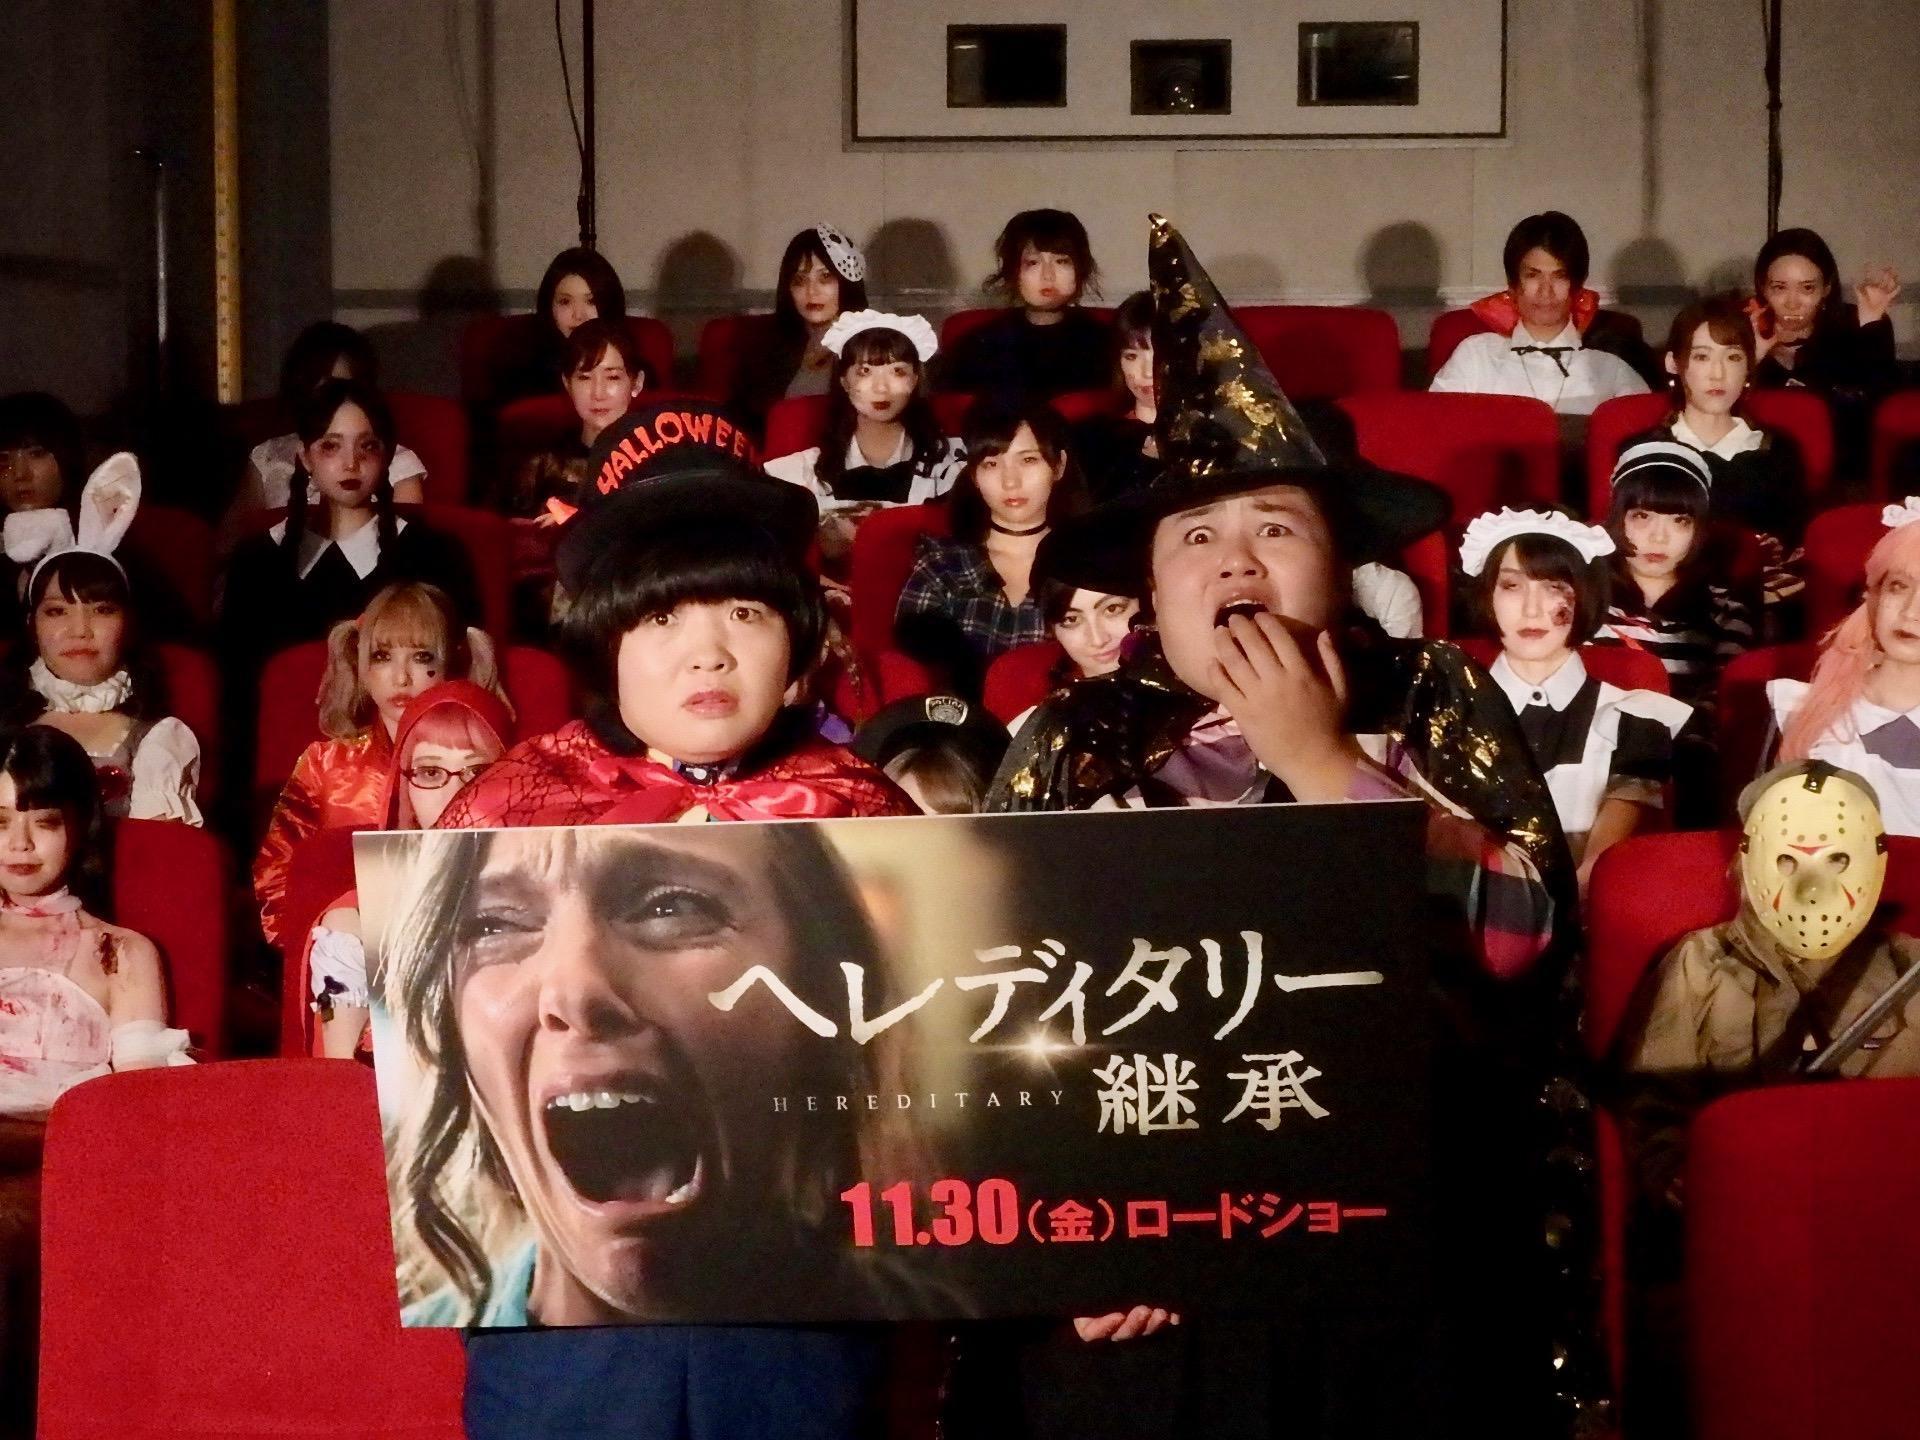 http://news.yoshimoto.co.jp/20181030152831-258b0d9d98907430e47737a1f8b986c6bdf9041e.jpg